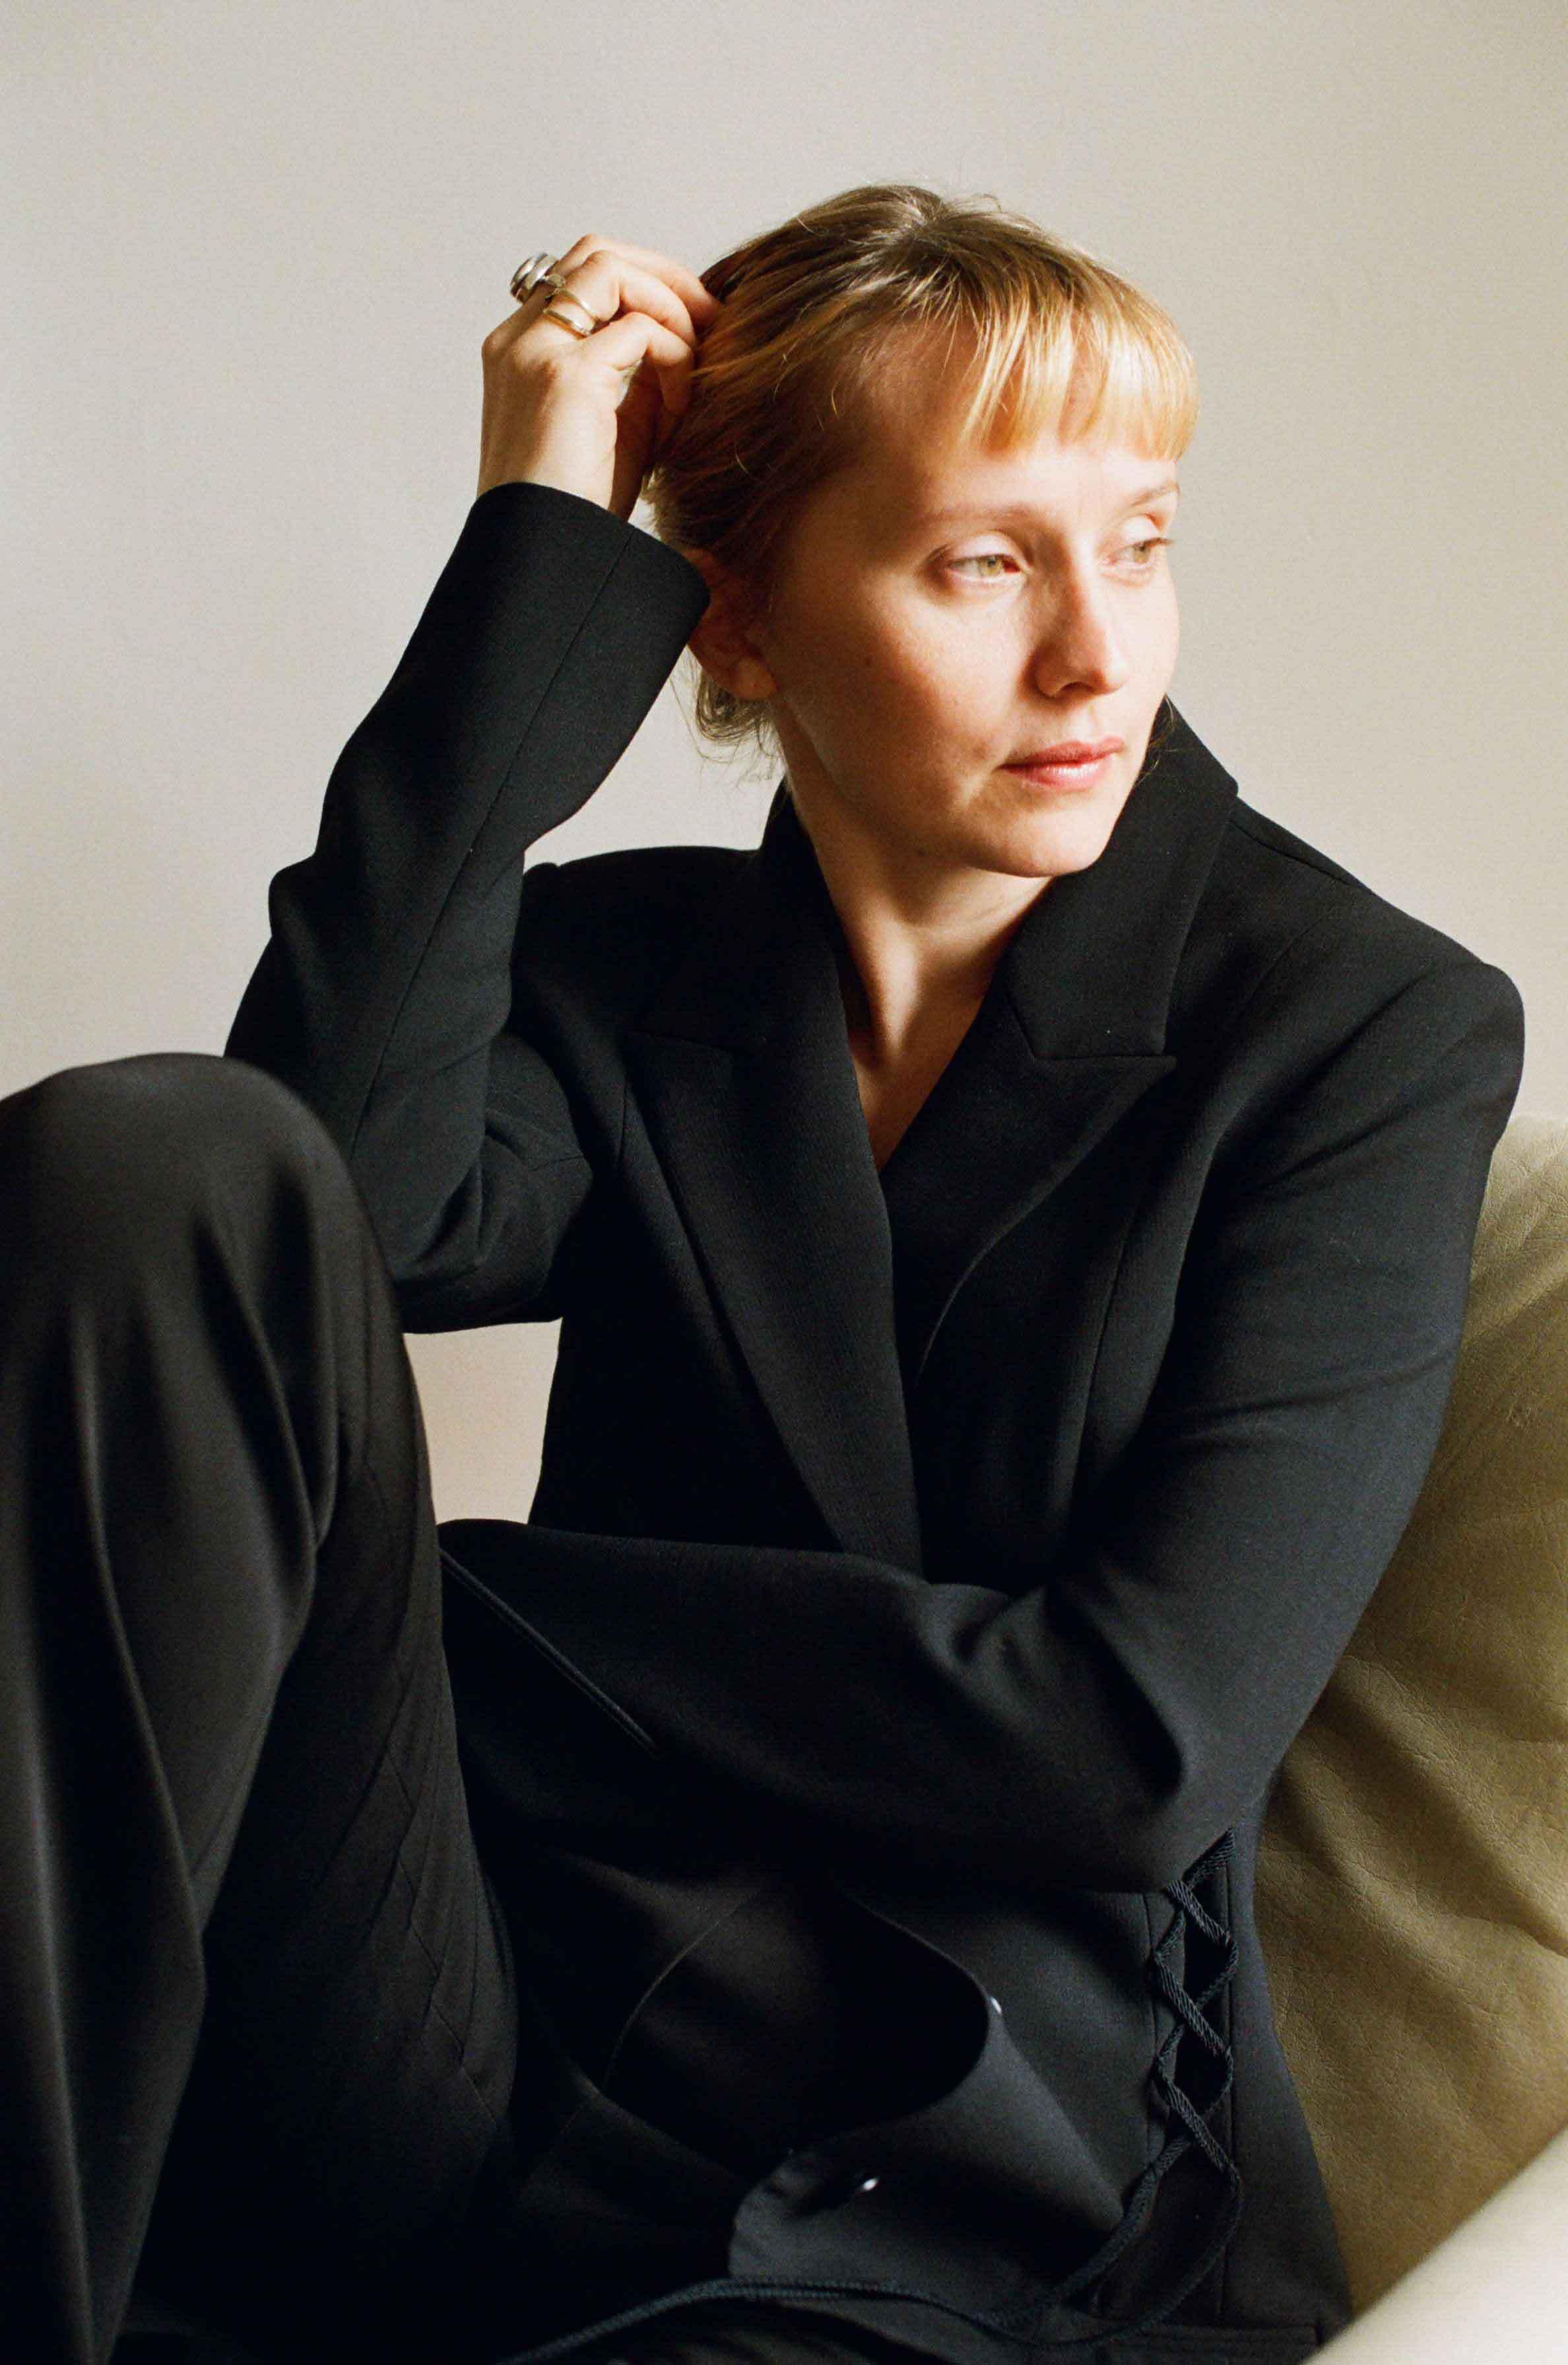 La regista Mona Fastvold